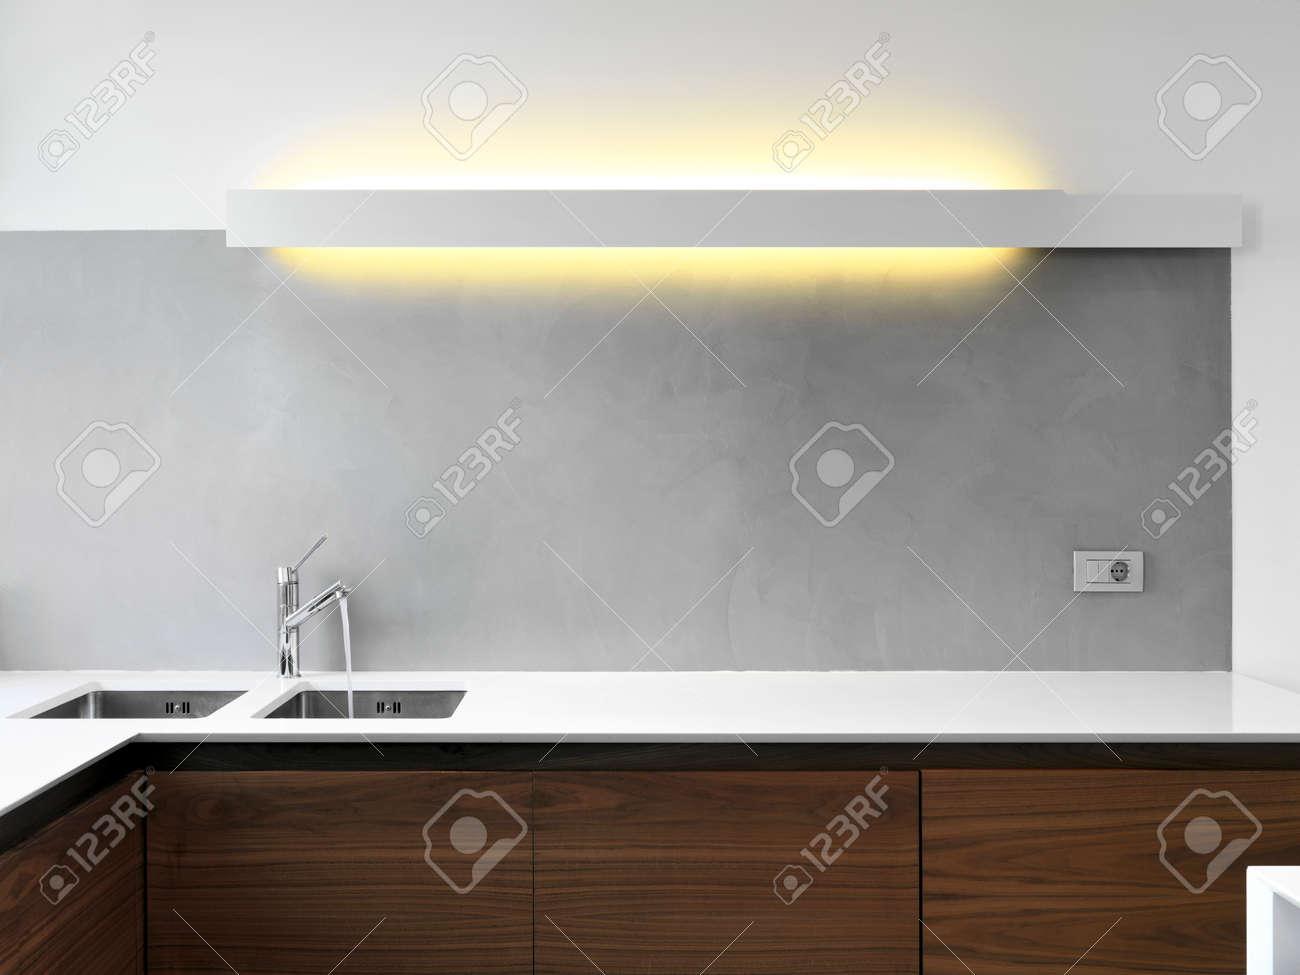 inerior view of a modern kitchen foreground on the sink Standard-Bild - 49755052